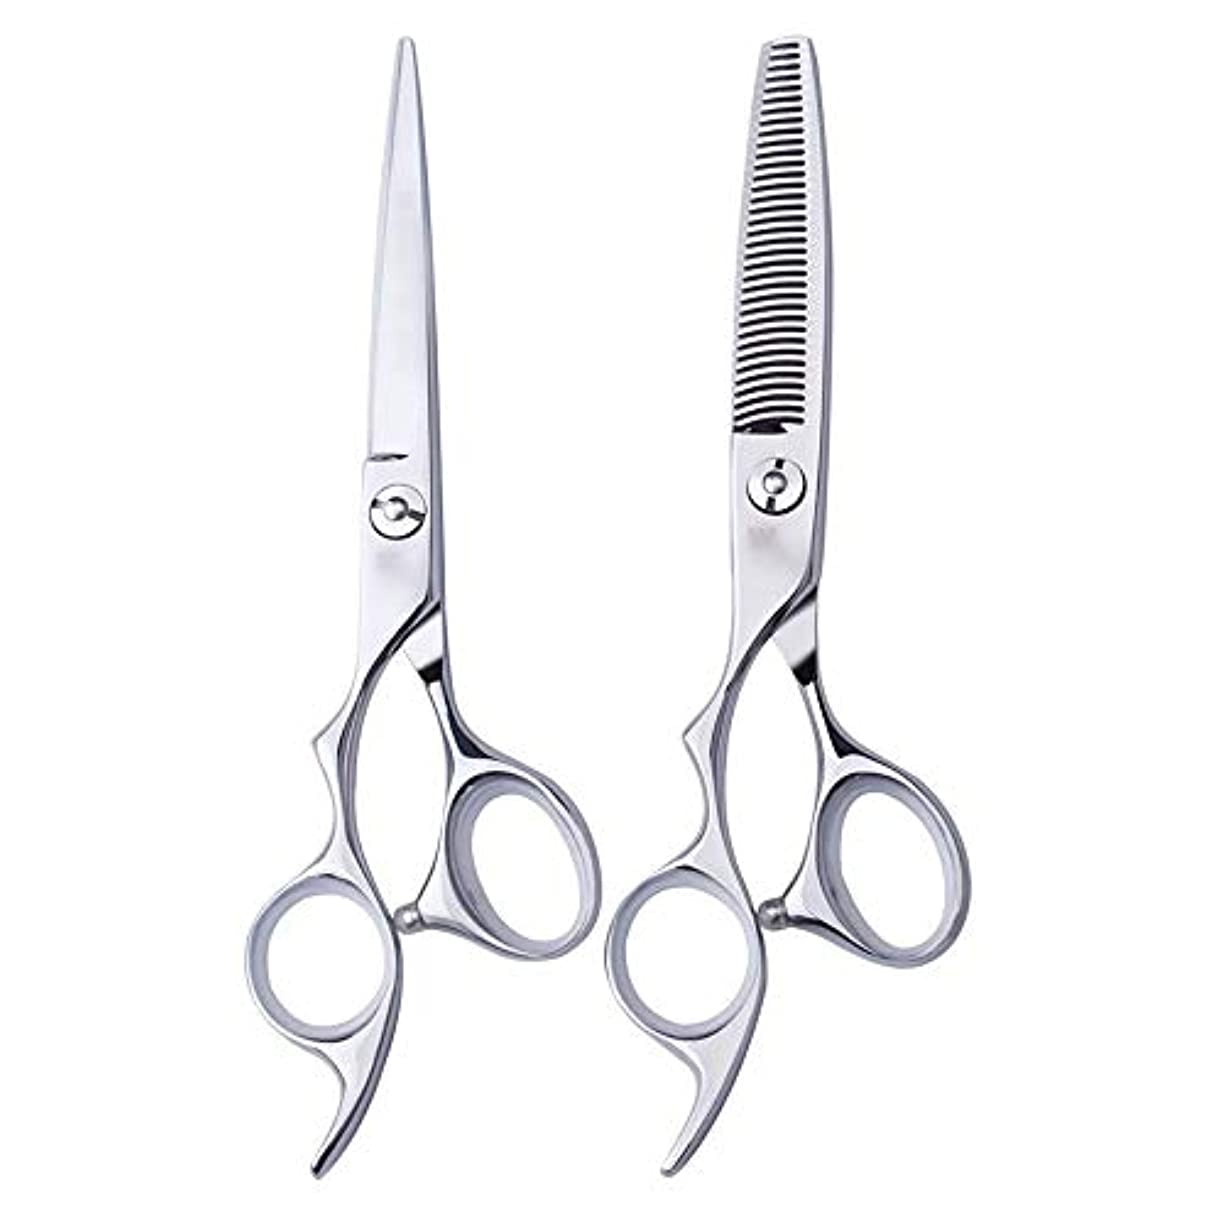 衣装意気込み糸6インチ美容院プロのヘアカット左手はさみ理髪はさみ、左利き用特殊理髪はさみプロの本格的なツール ヘアケア (色 : Silver, Design : Tooth)